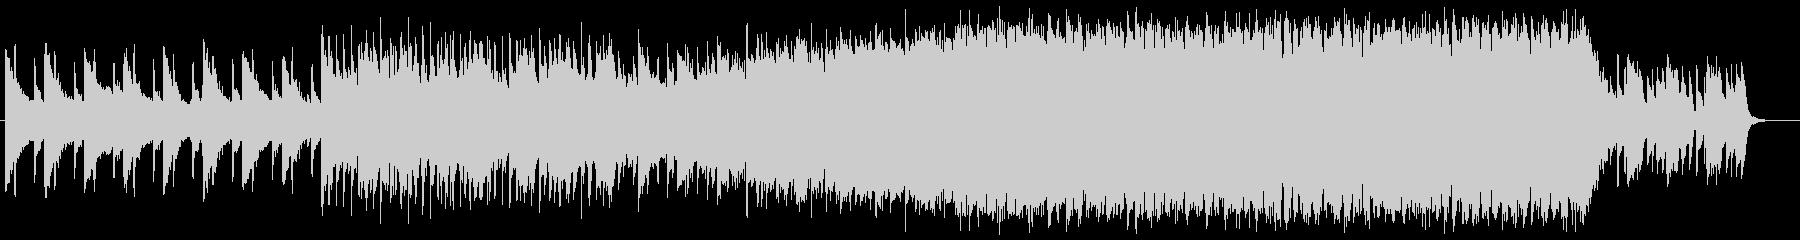 エモいEDMの未再生の波形